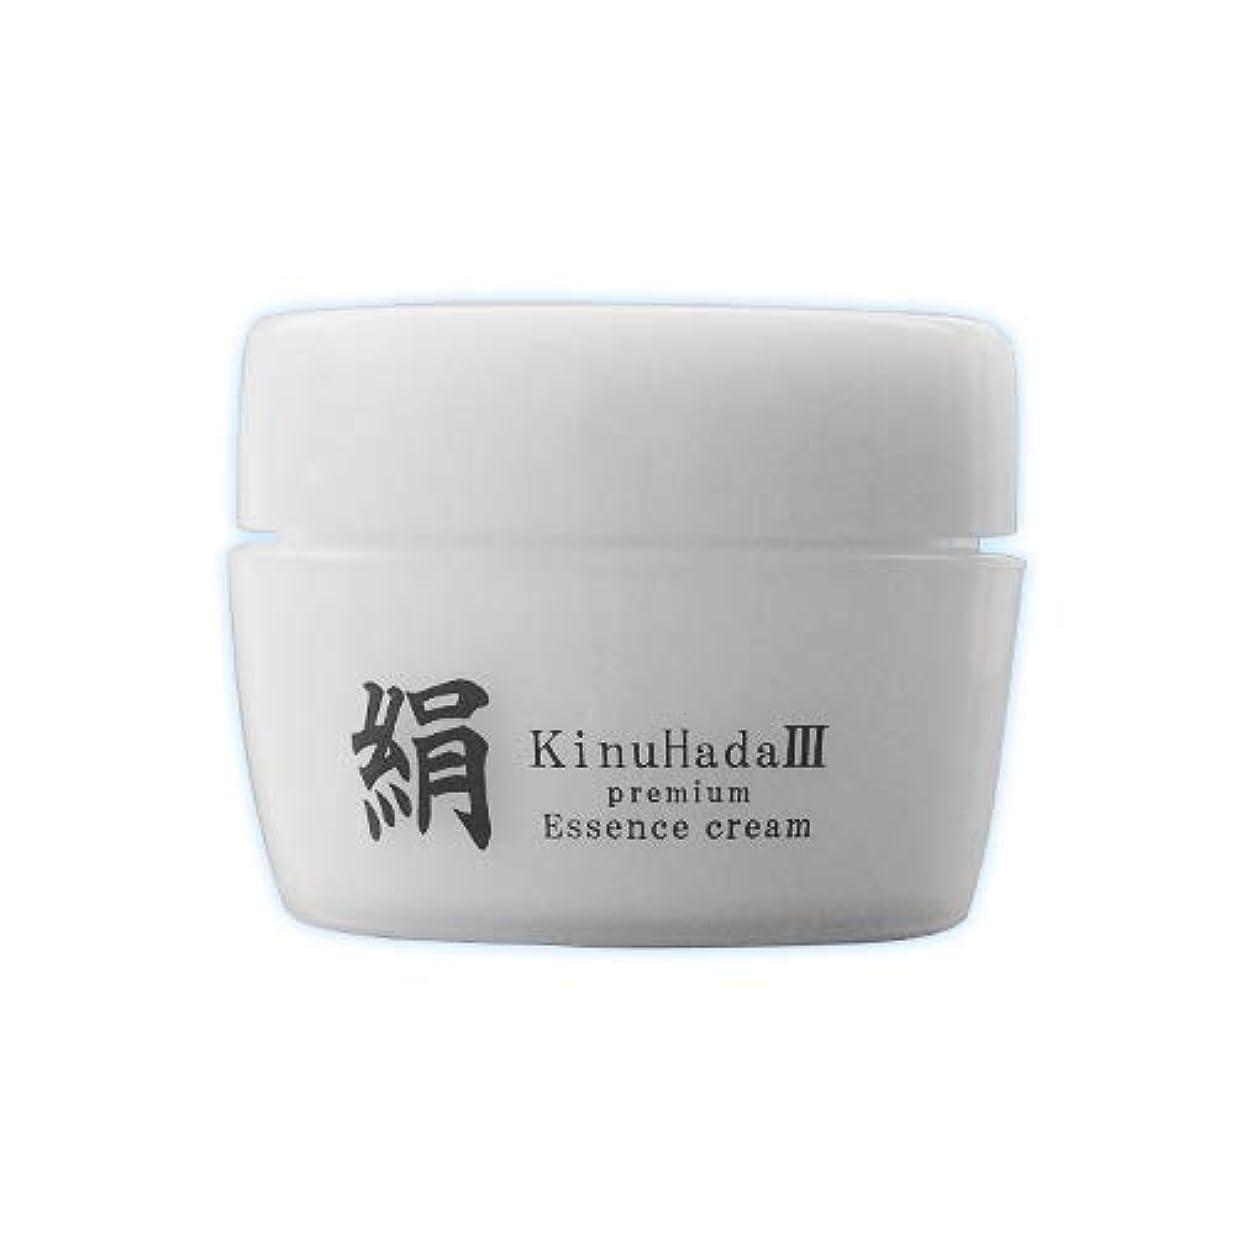 しつけ稚魚委任するKinuHada 3 premium 60g オールインワン 美容液 絹